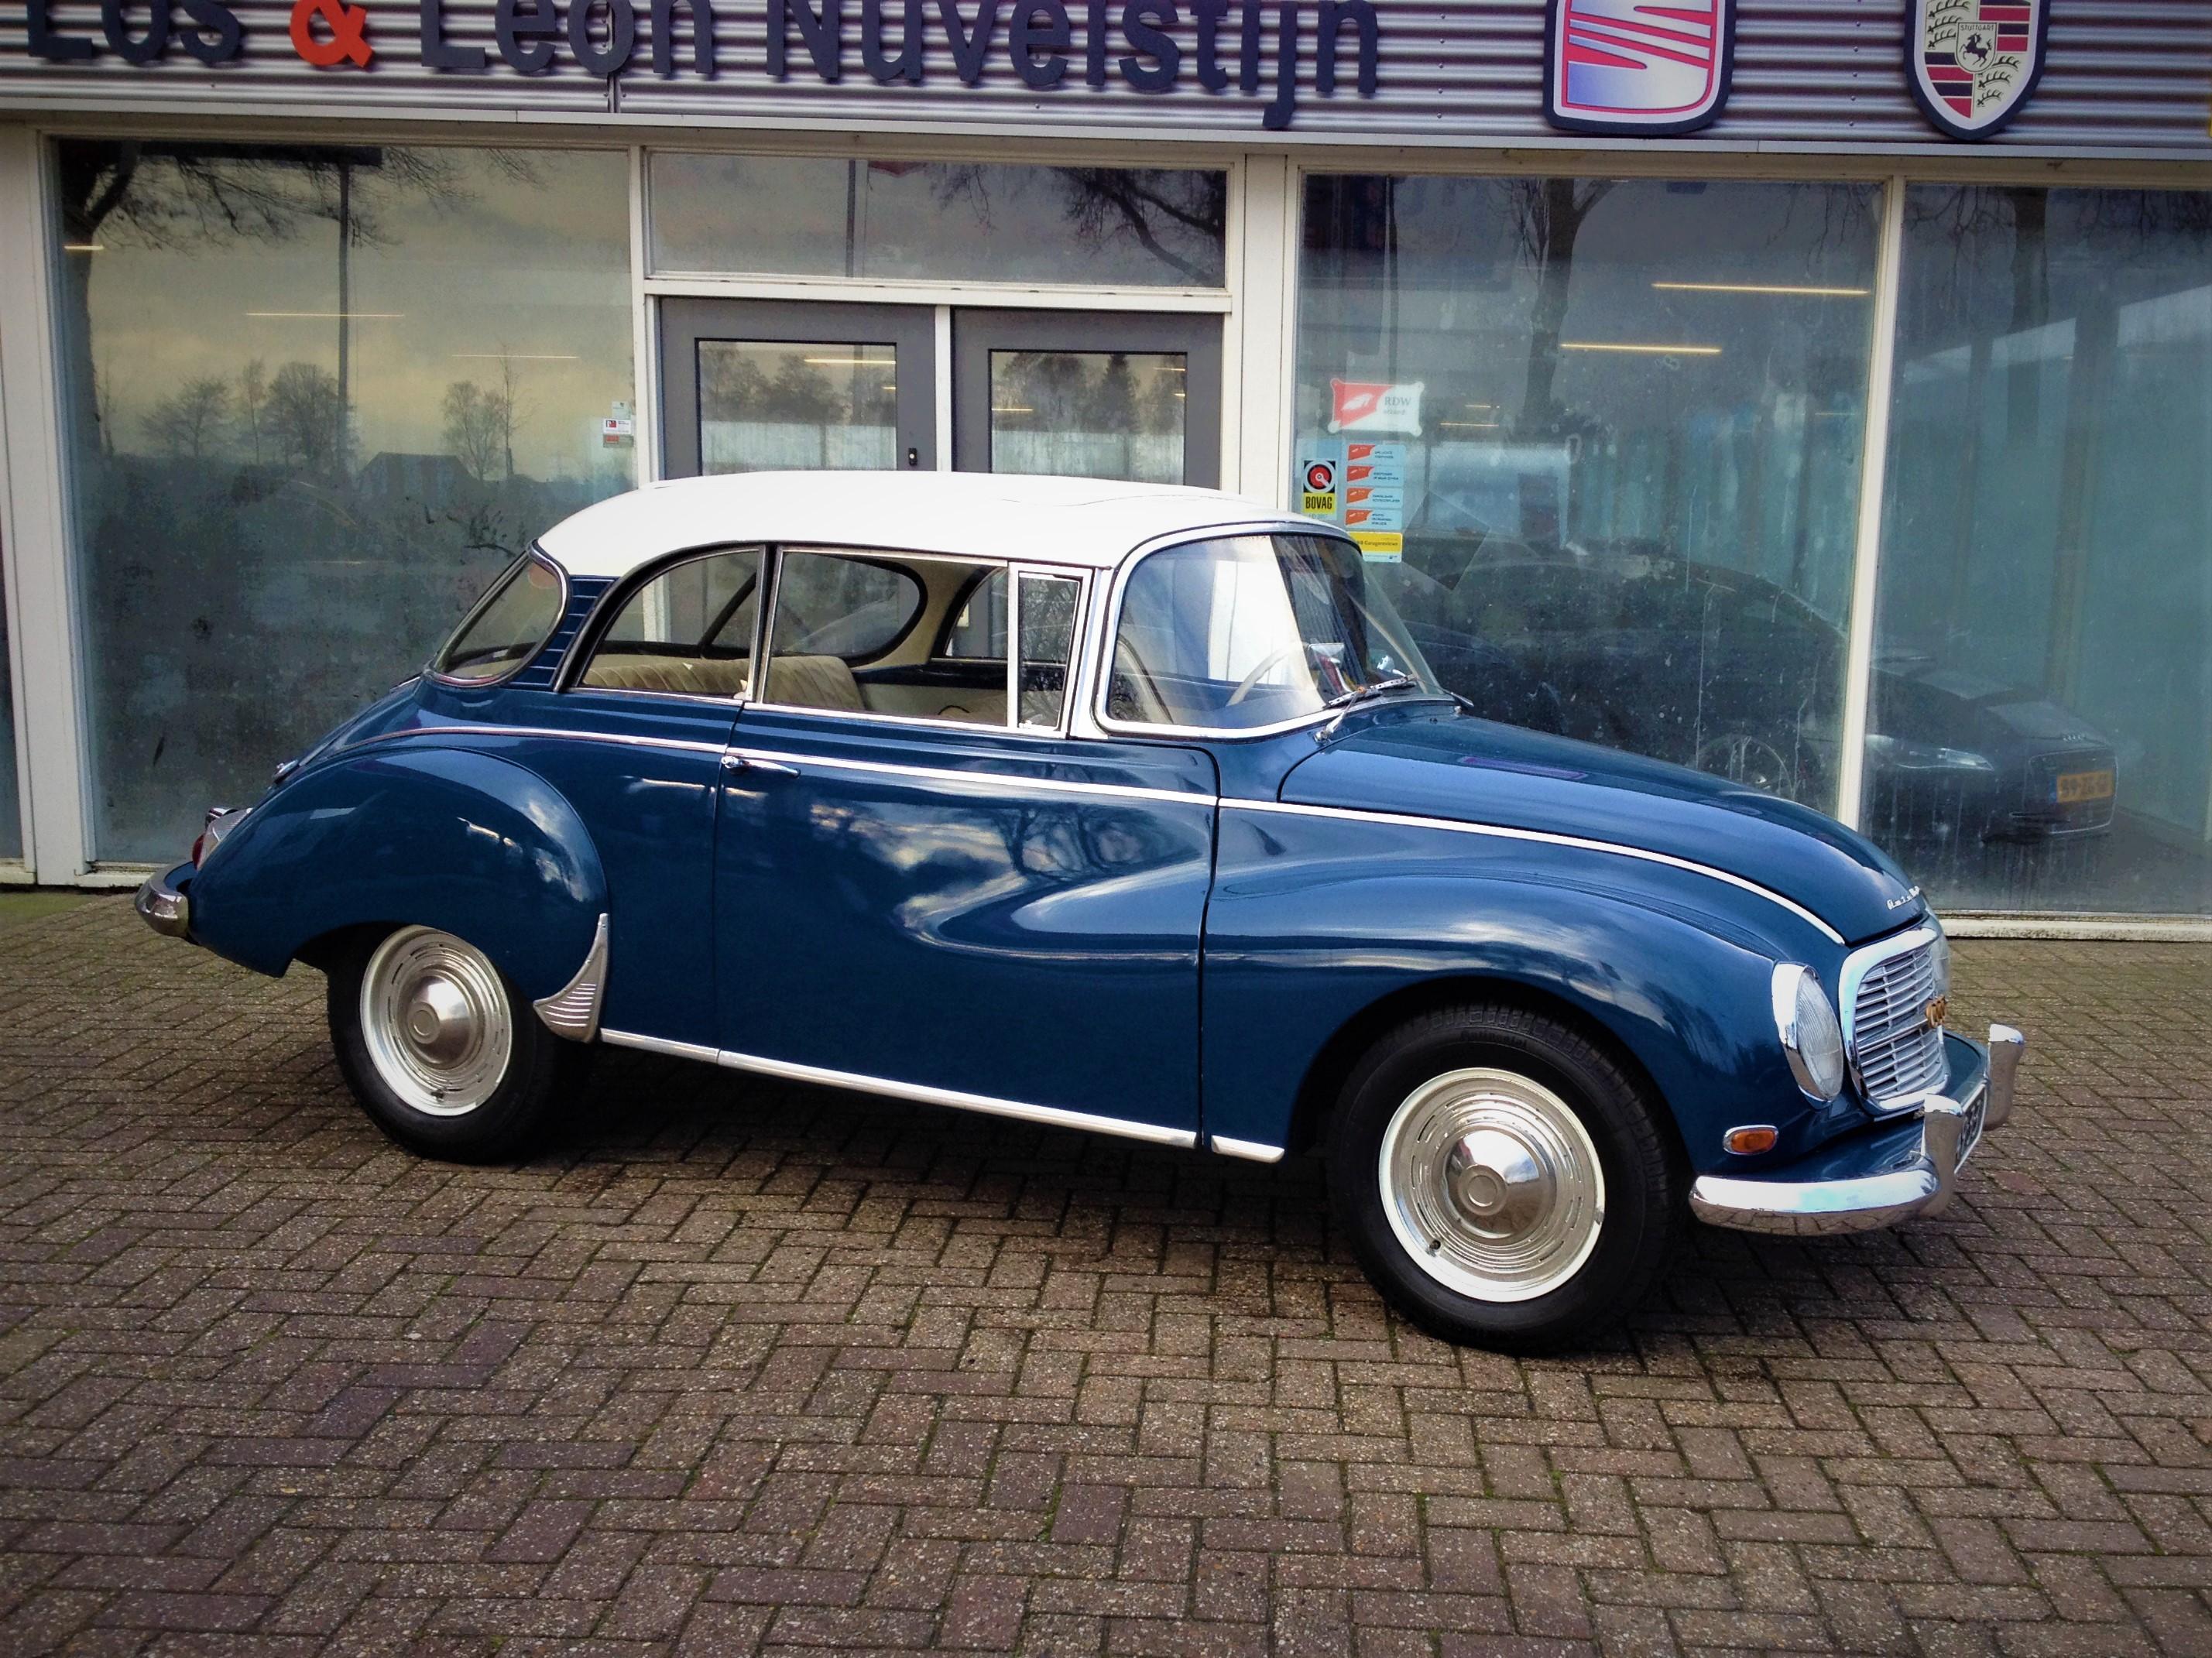 auto union dkw 1000s super de luxe review and testdrive